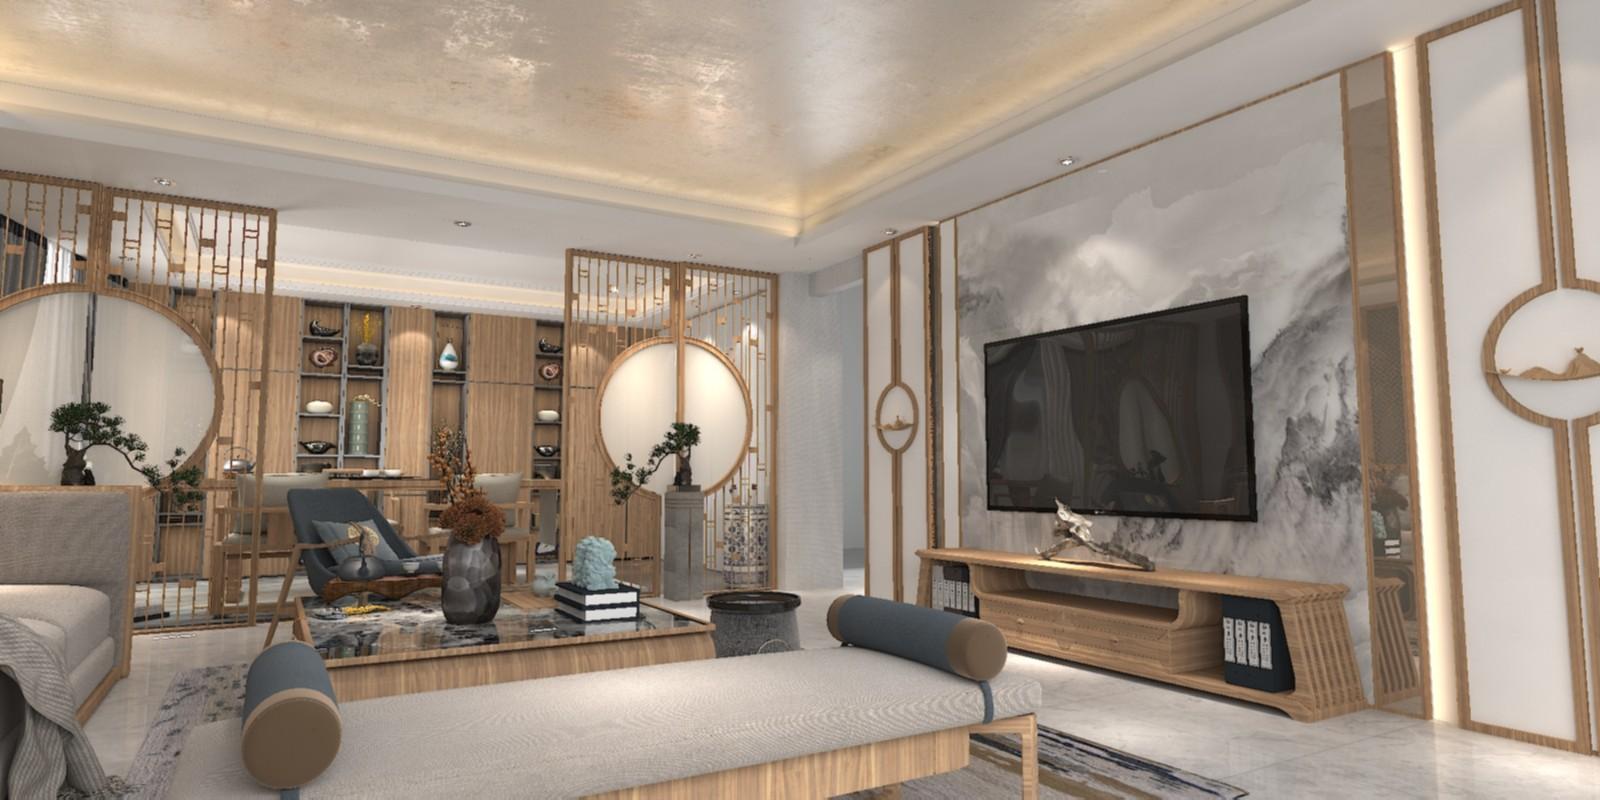 2021中式240平米装修图片 2021中式楼房图片